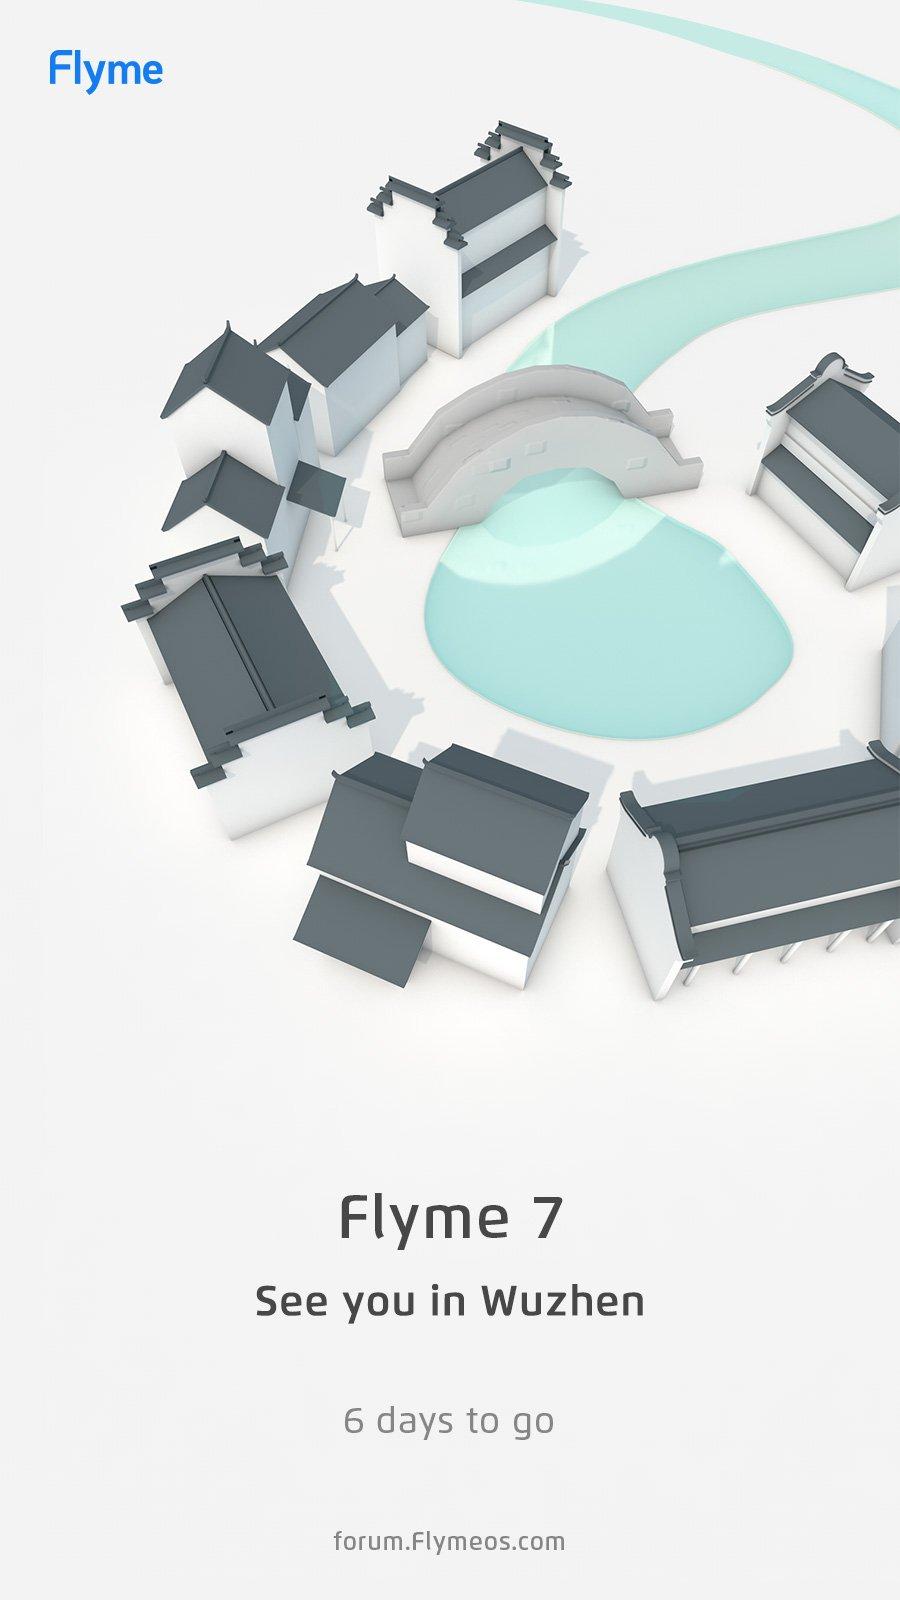 Обратный отсчет Flyme 7 Teaser